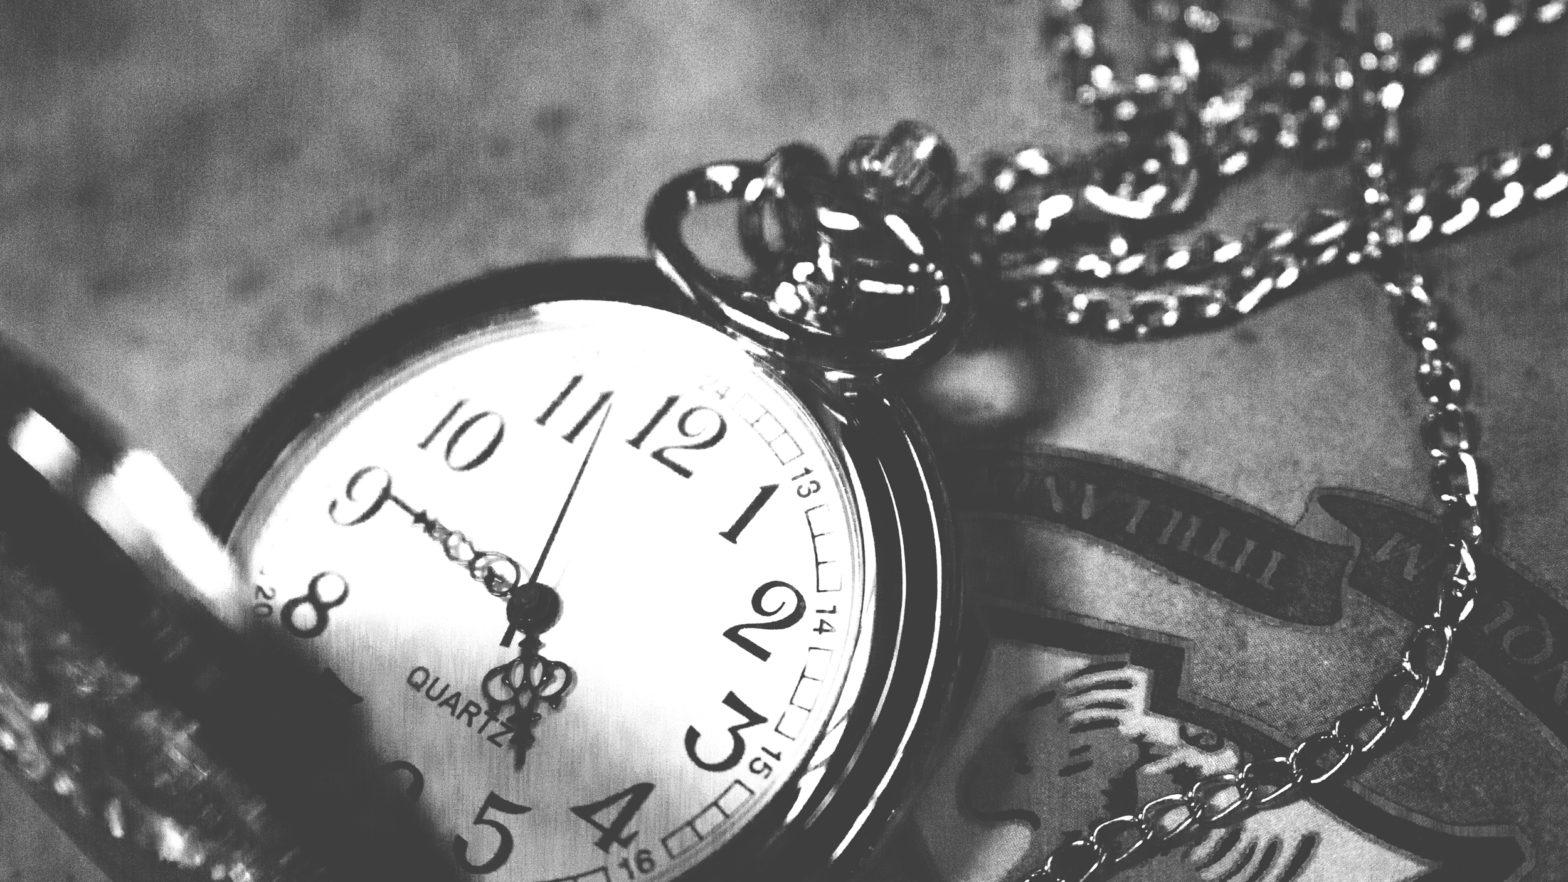 A pocket watch, open.